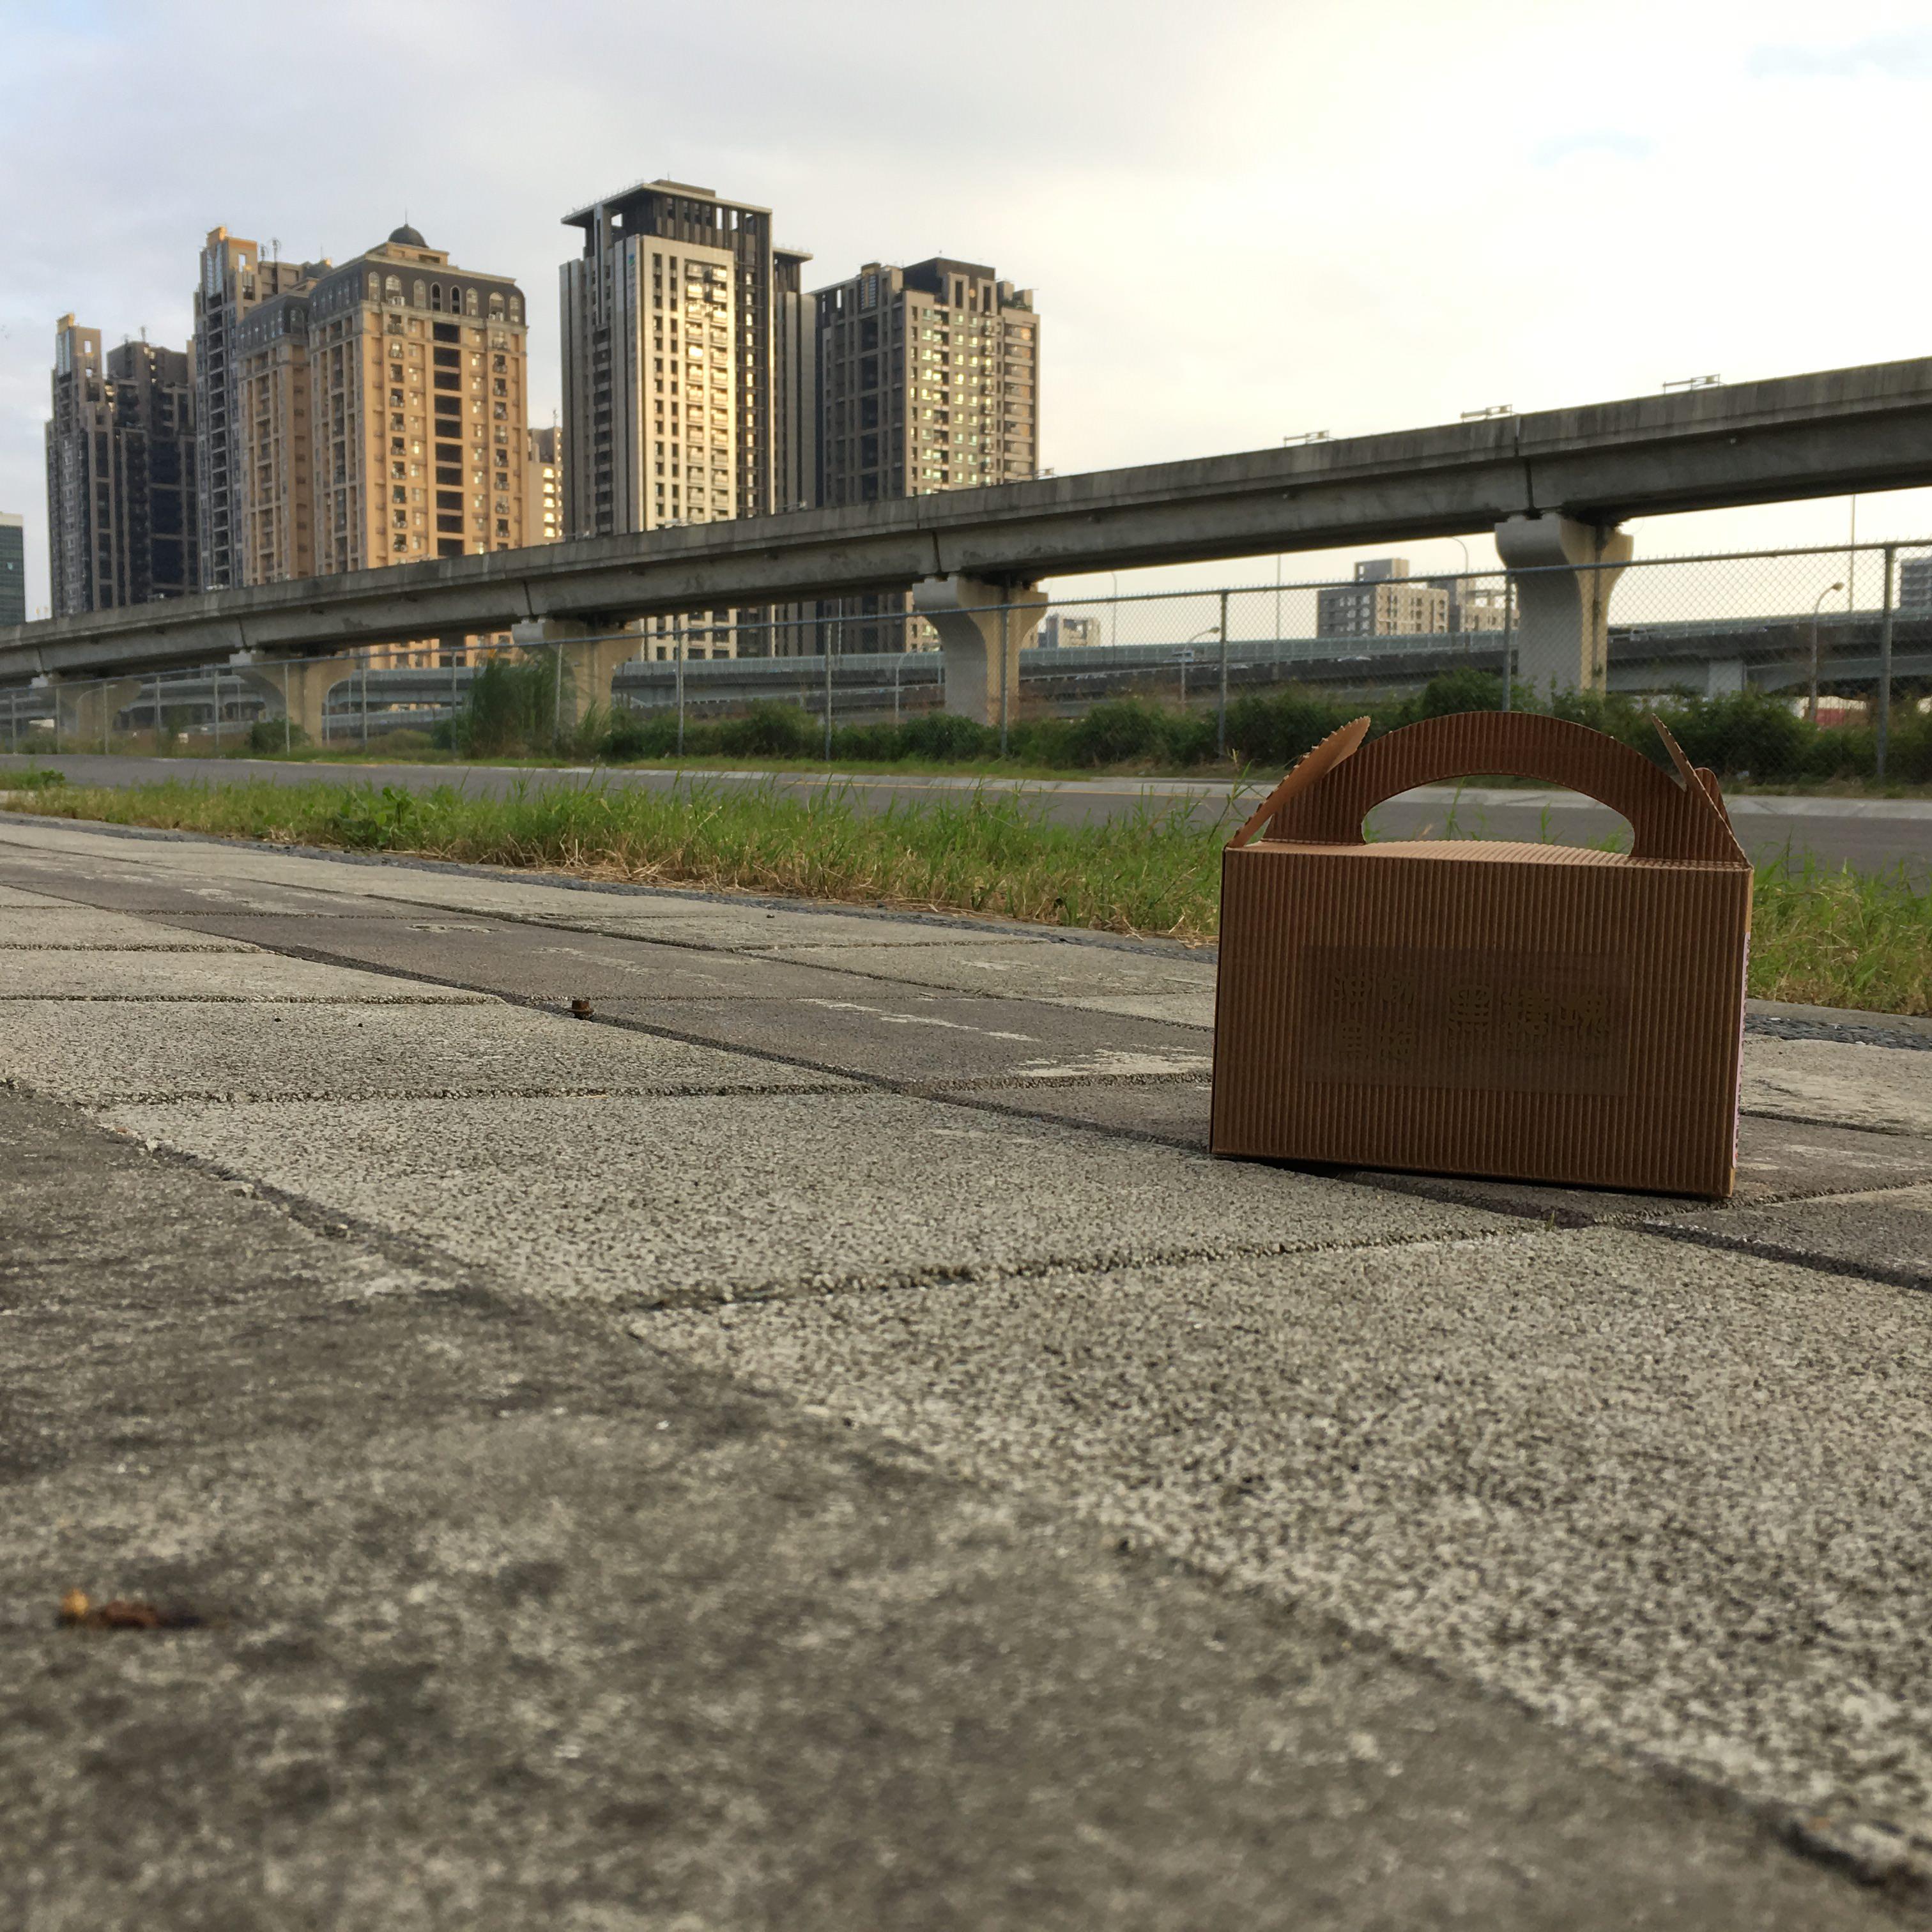 ★年節禮盒特賣【金桔黑糖塊】10入/300g 黑糖茶磚/養生飲